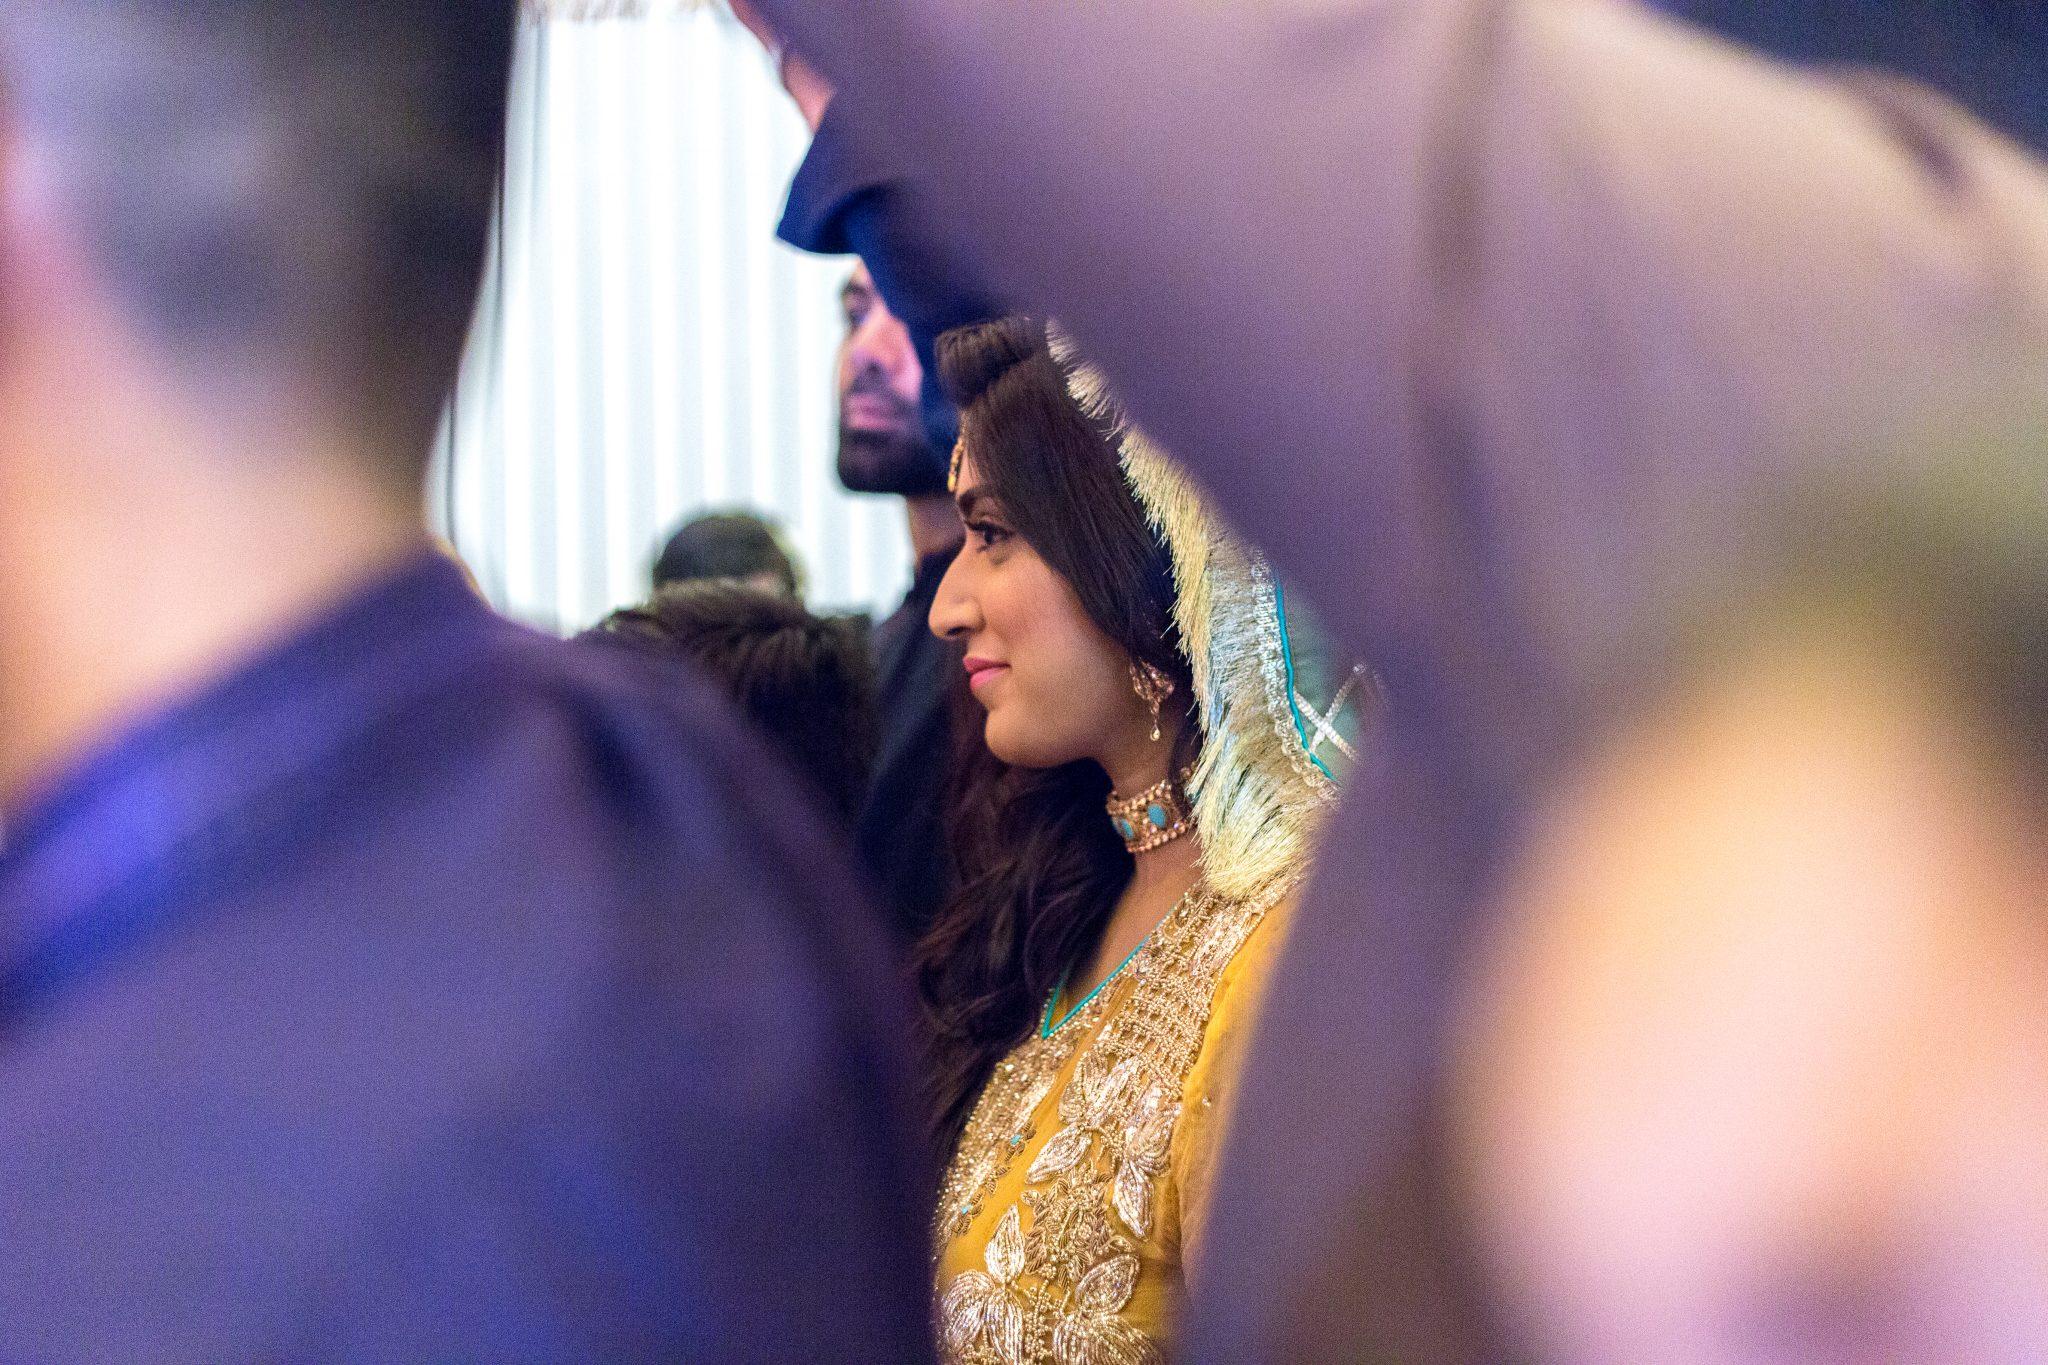 Bruden entrer scenen sammen med sitt brudefølge